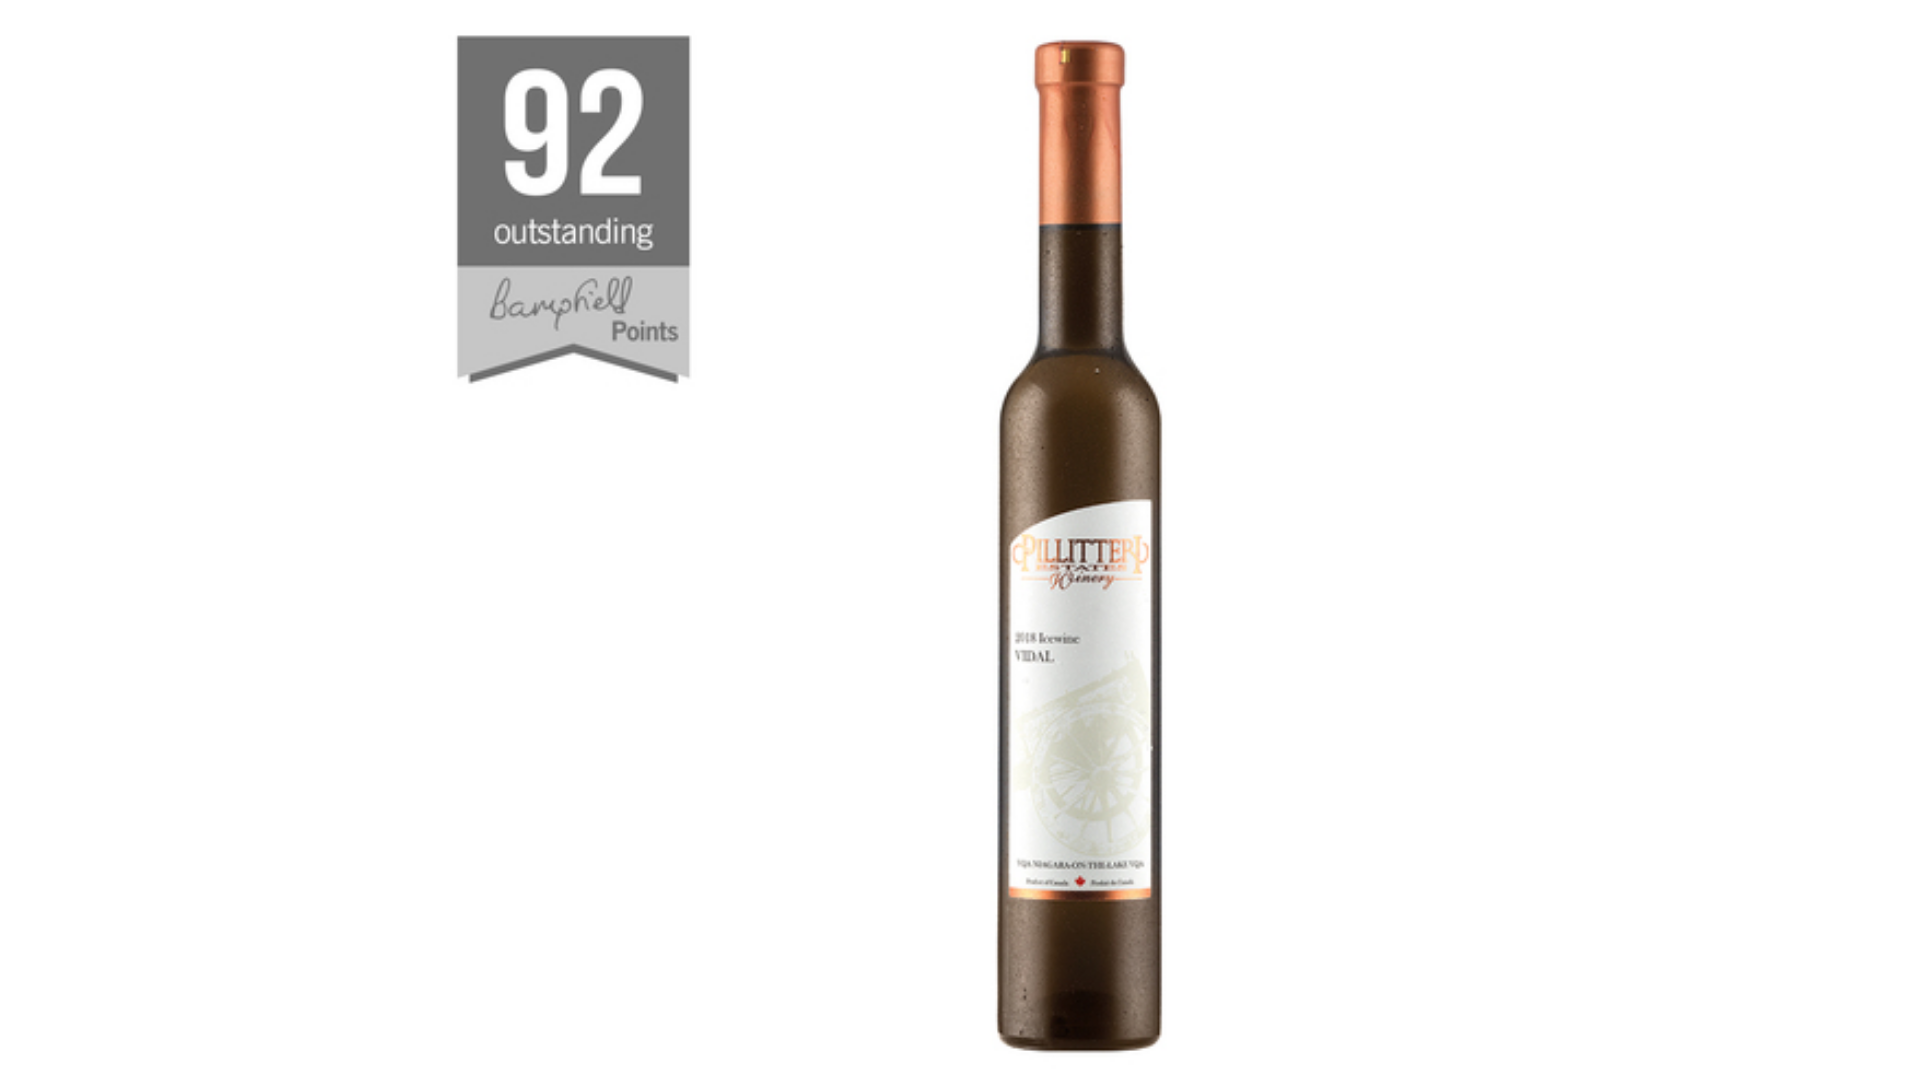 Le vin de glace Pillitteri Vidal - un des vins de dessert de Lidl.